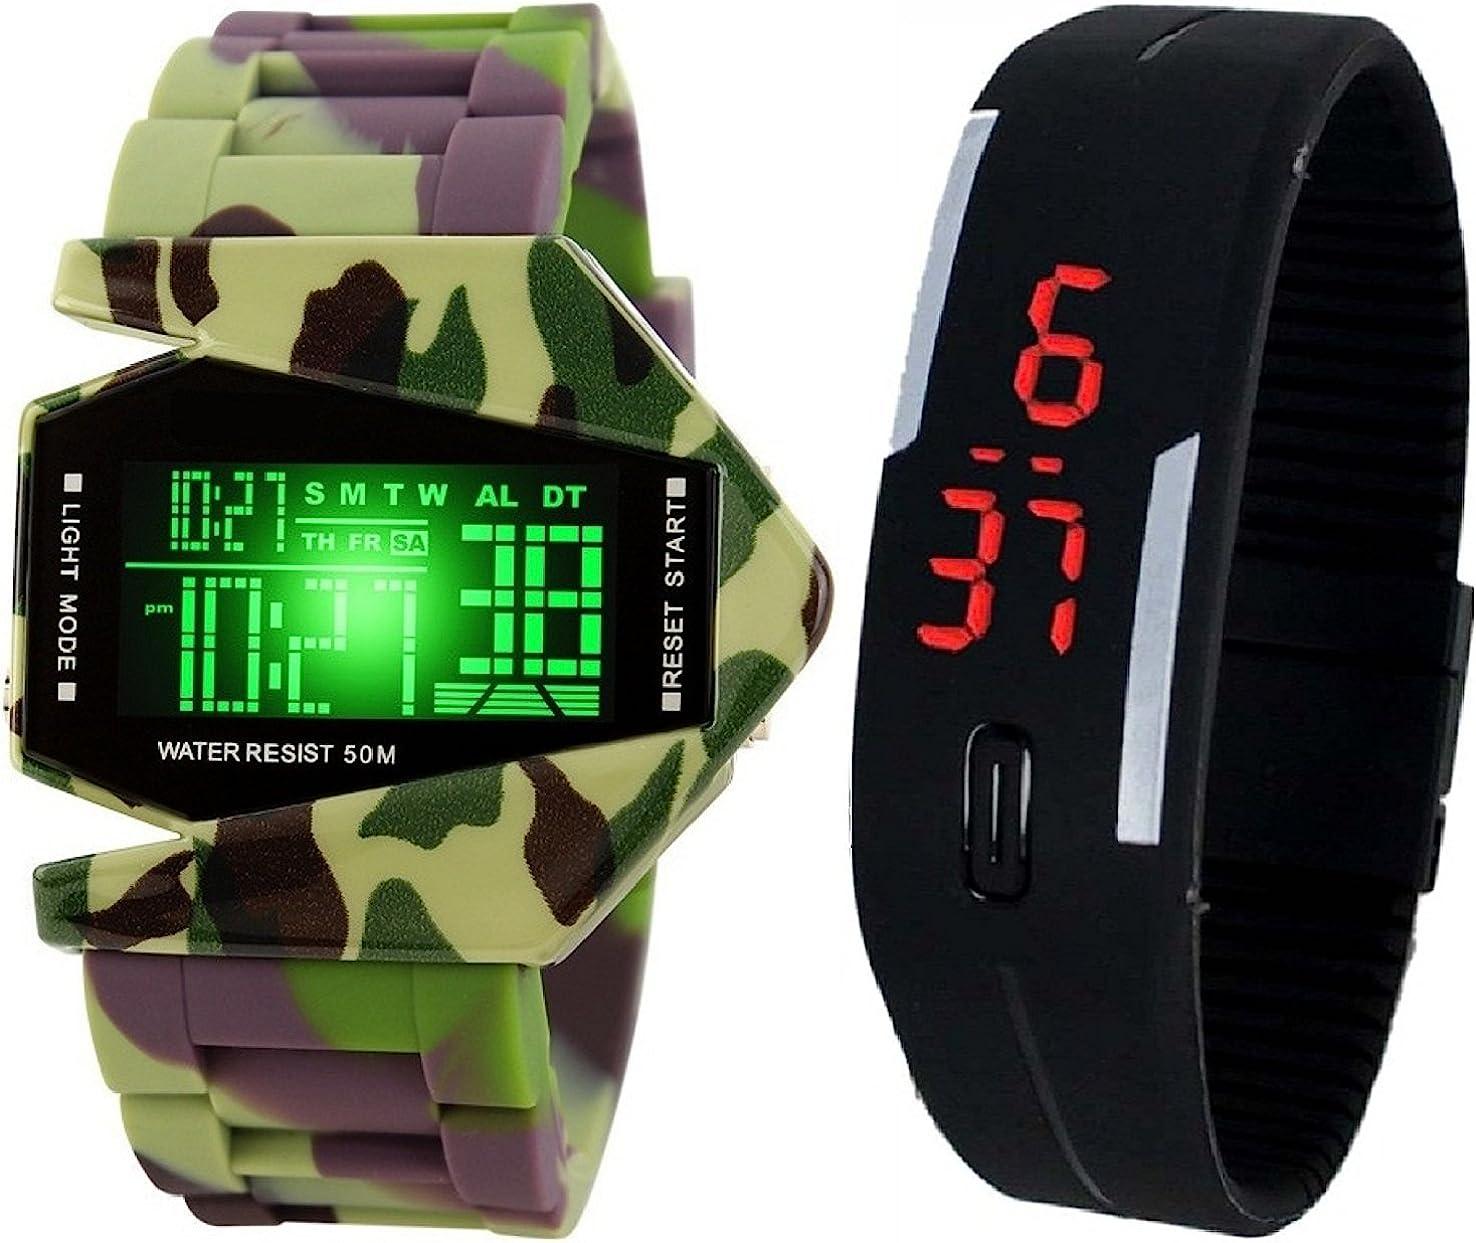 Pappi-Haunt - Reloj de pulsera digital inteligente con diseño de avión de silicona, color negro